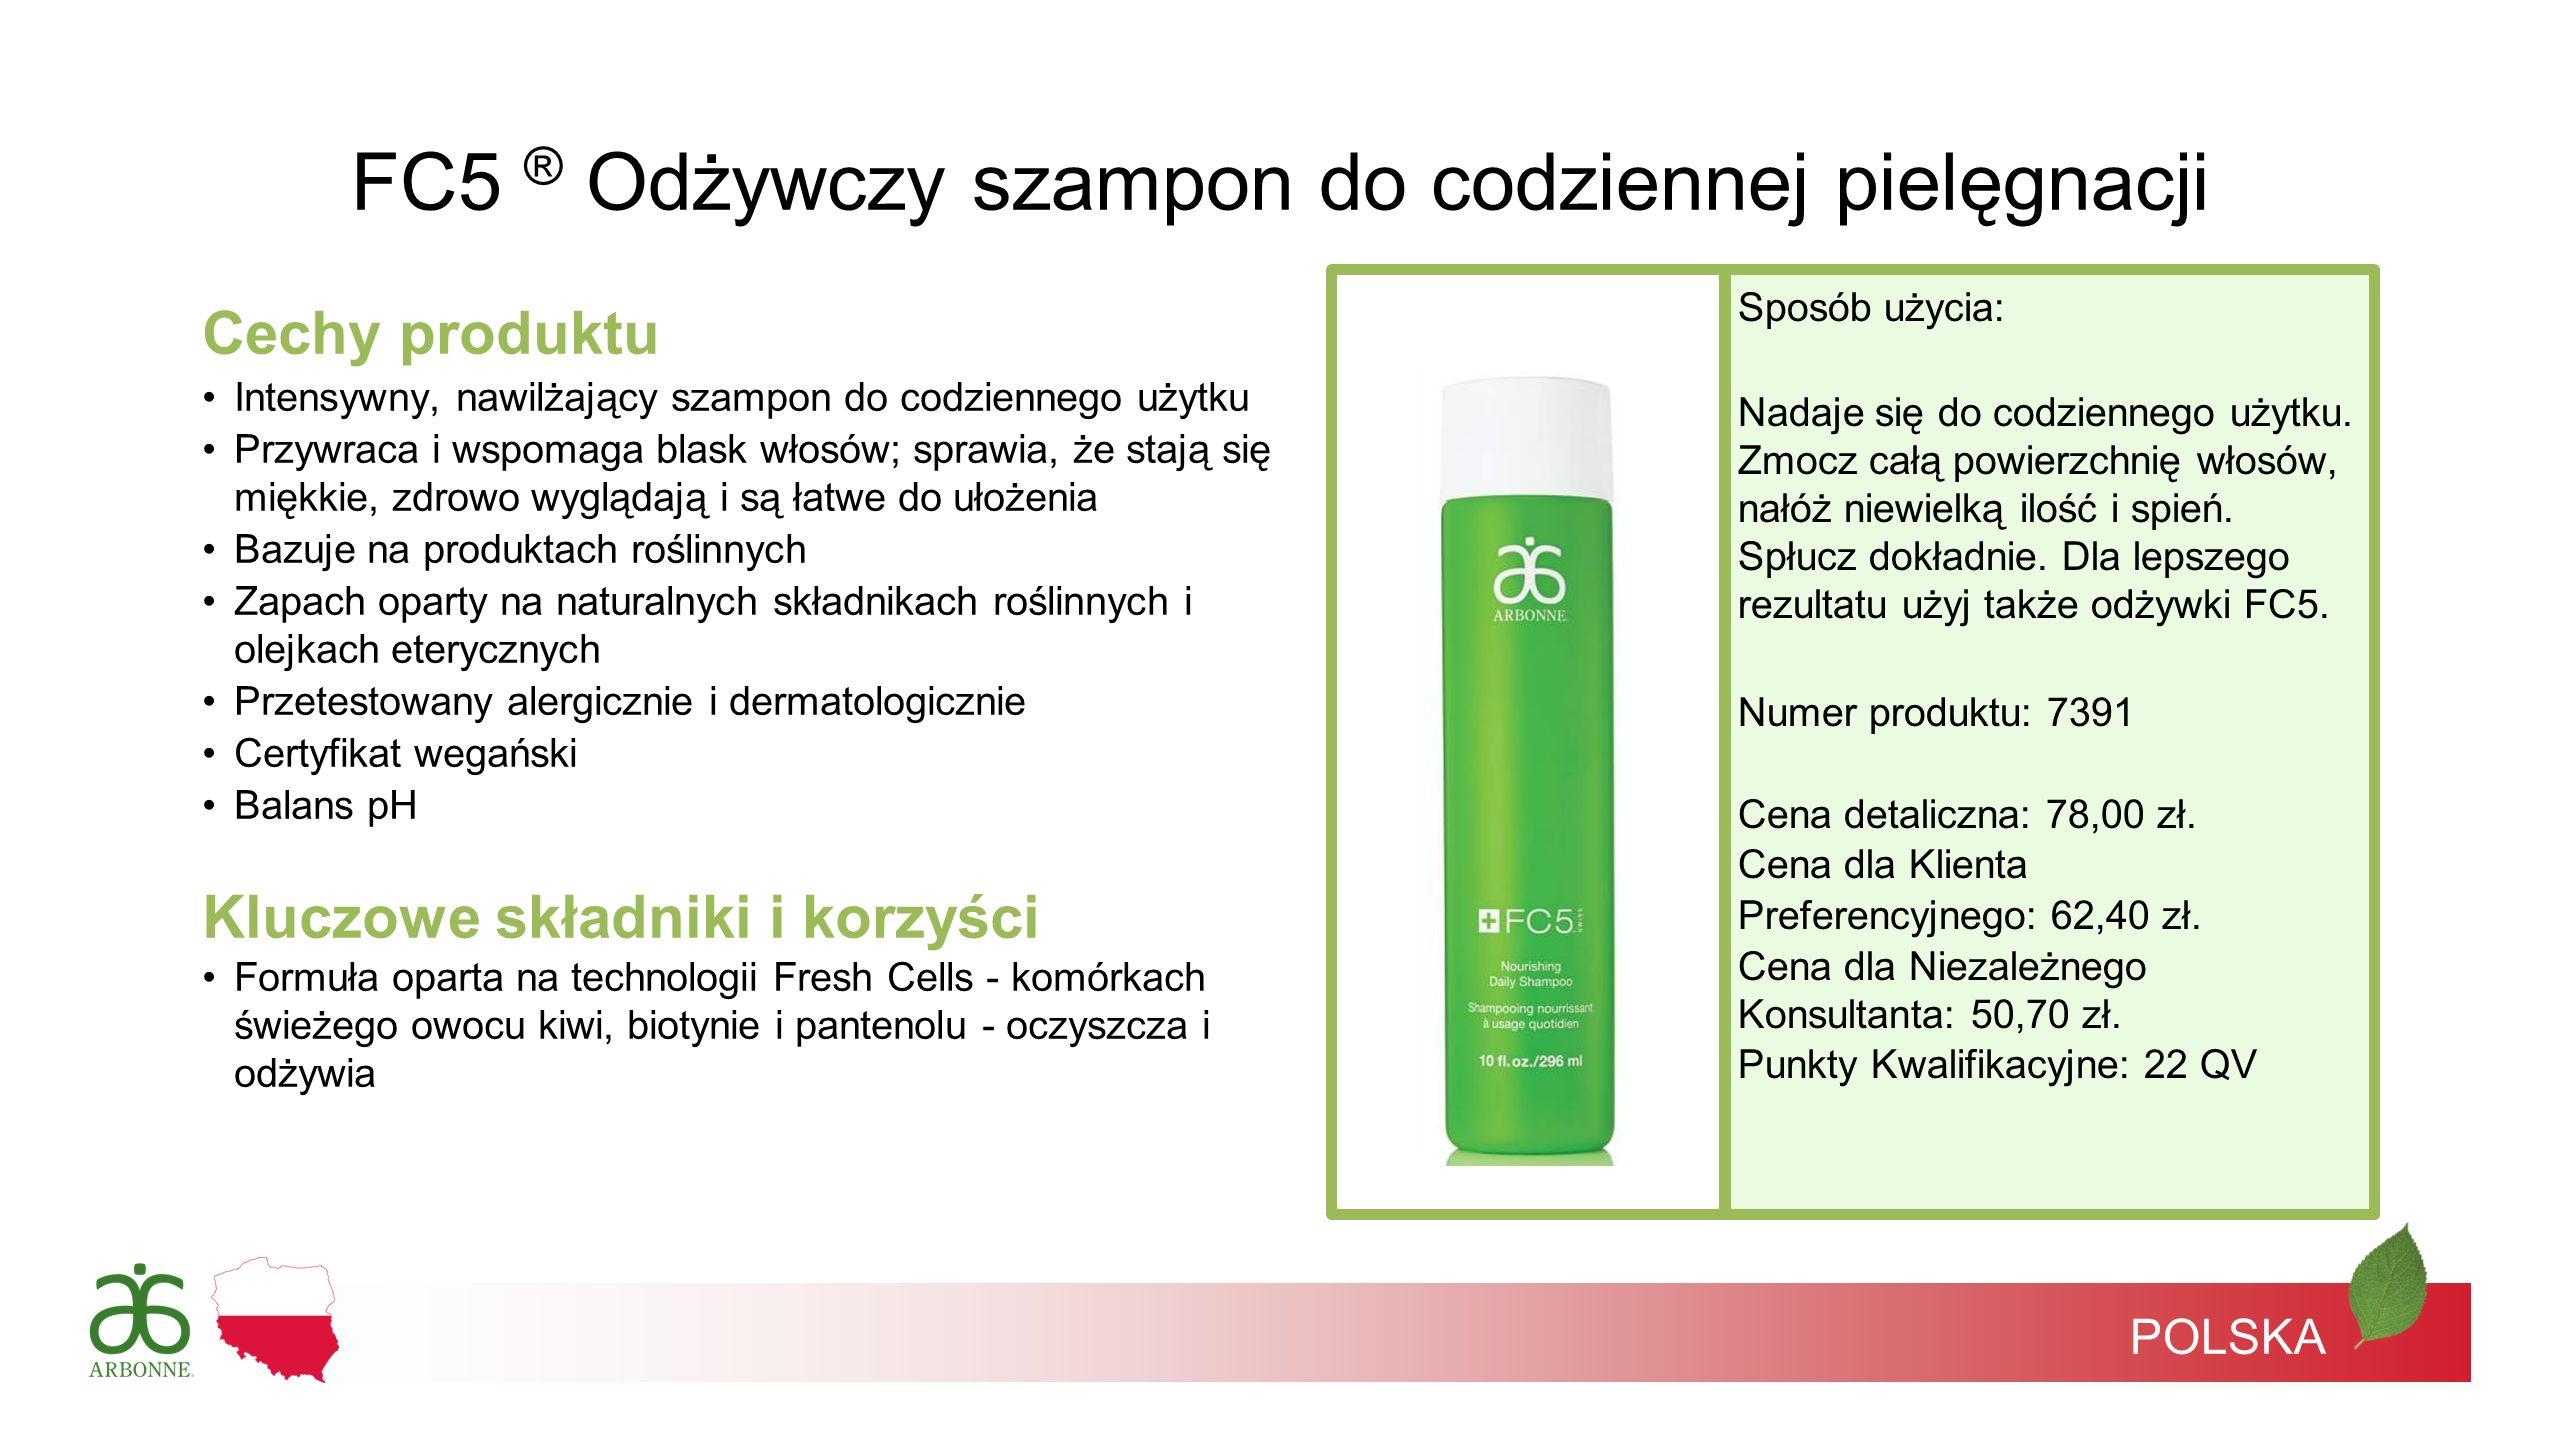 POLSKA Cechy produktu Intensywny, nawilżający szampon do codziennego użytku Przywraca i wspomaga blask włosów; sprawia, że stają się miękkie, zdrowo w